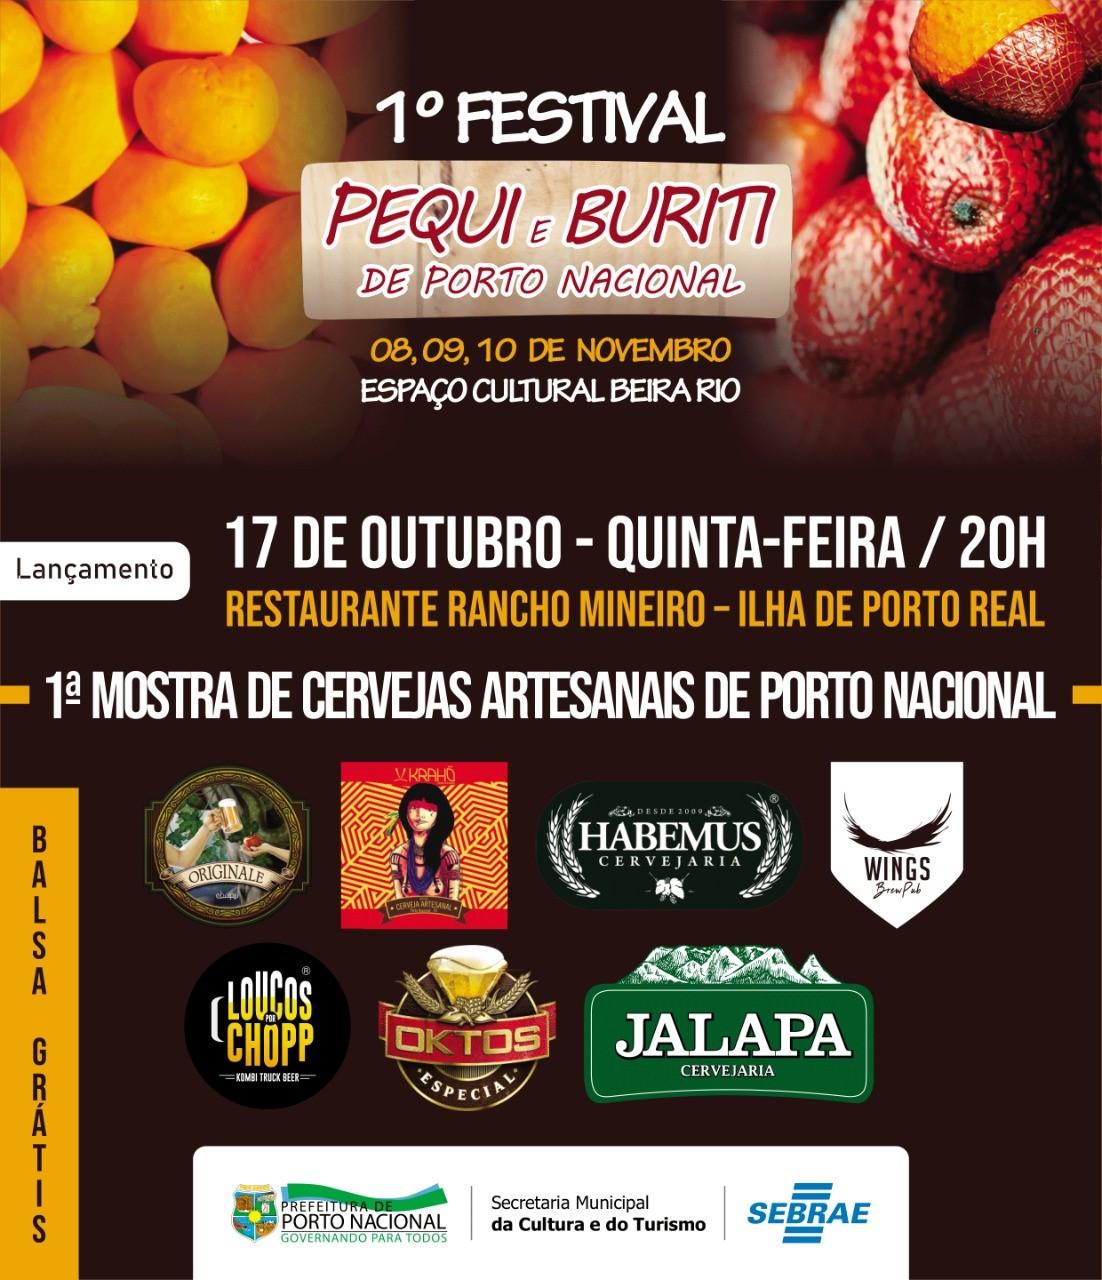 Prefeitura de Porto Nacional lança o 1º Festival do Pequi e Buriti do Tocantins nesta quinta, 17; evento acontece nos dias 8, 9 e 10 de novembro